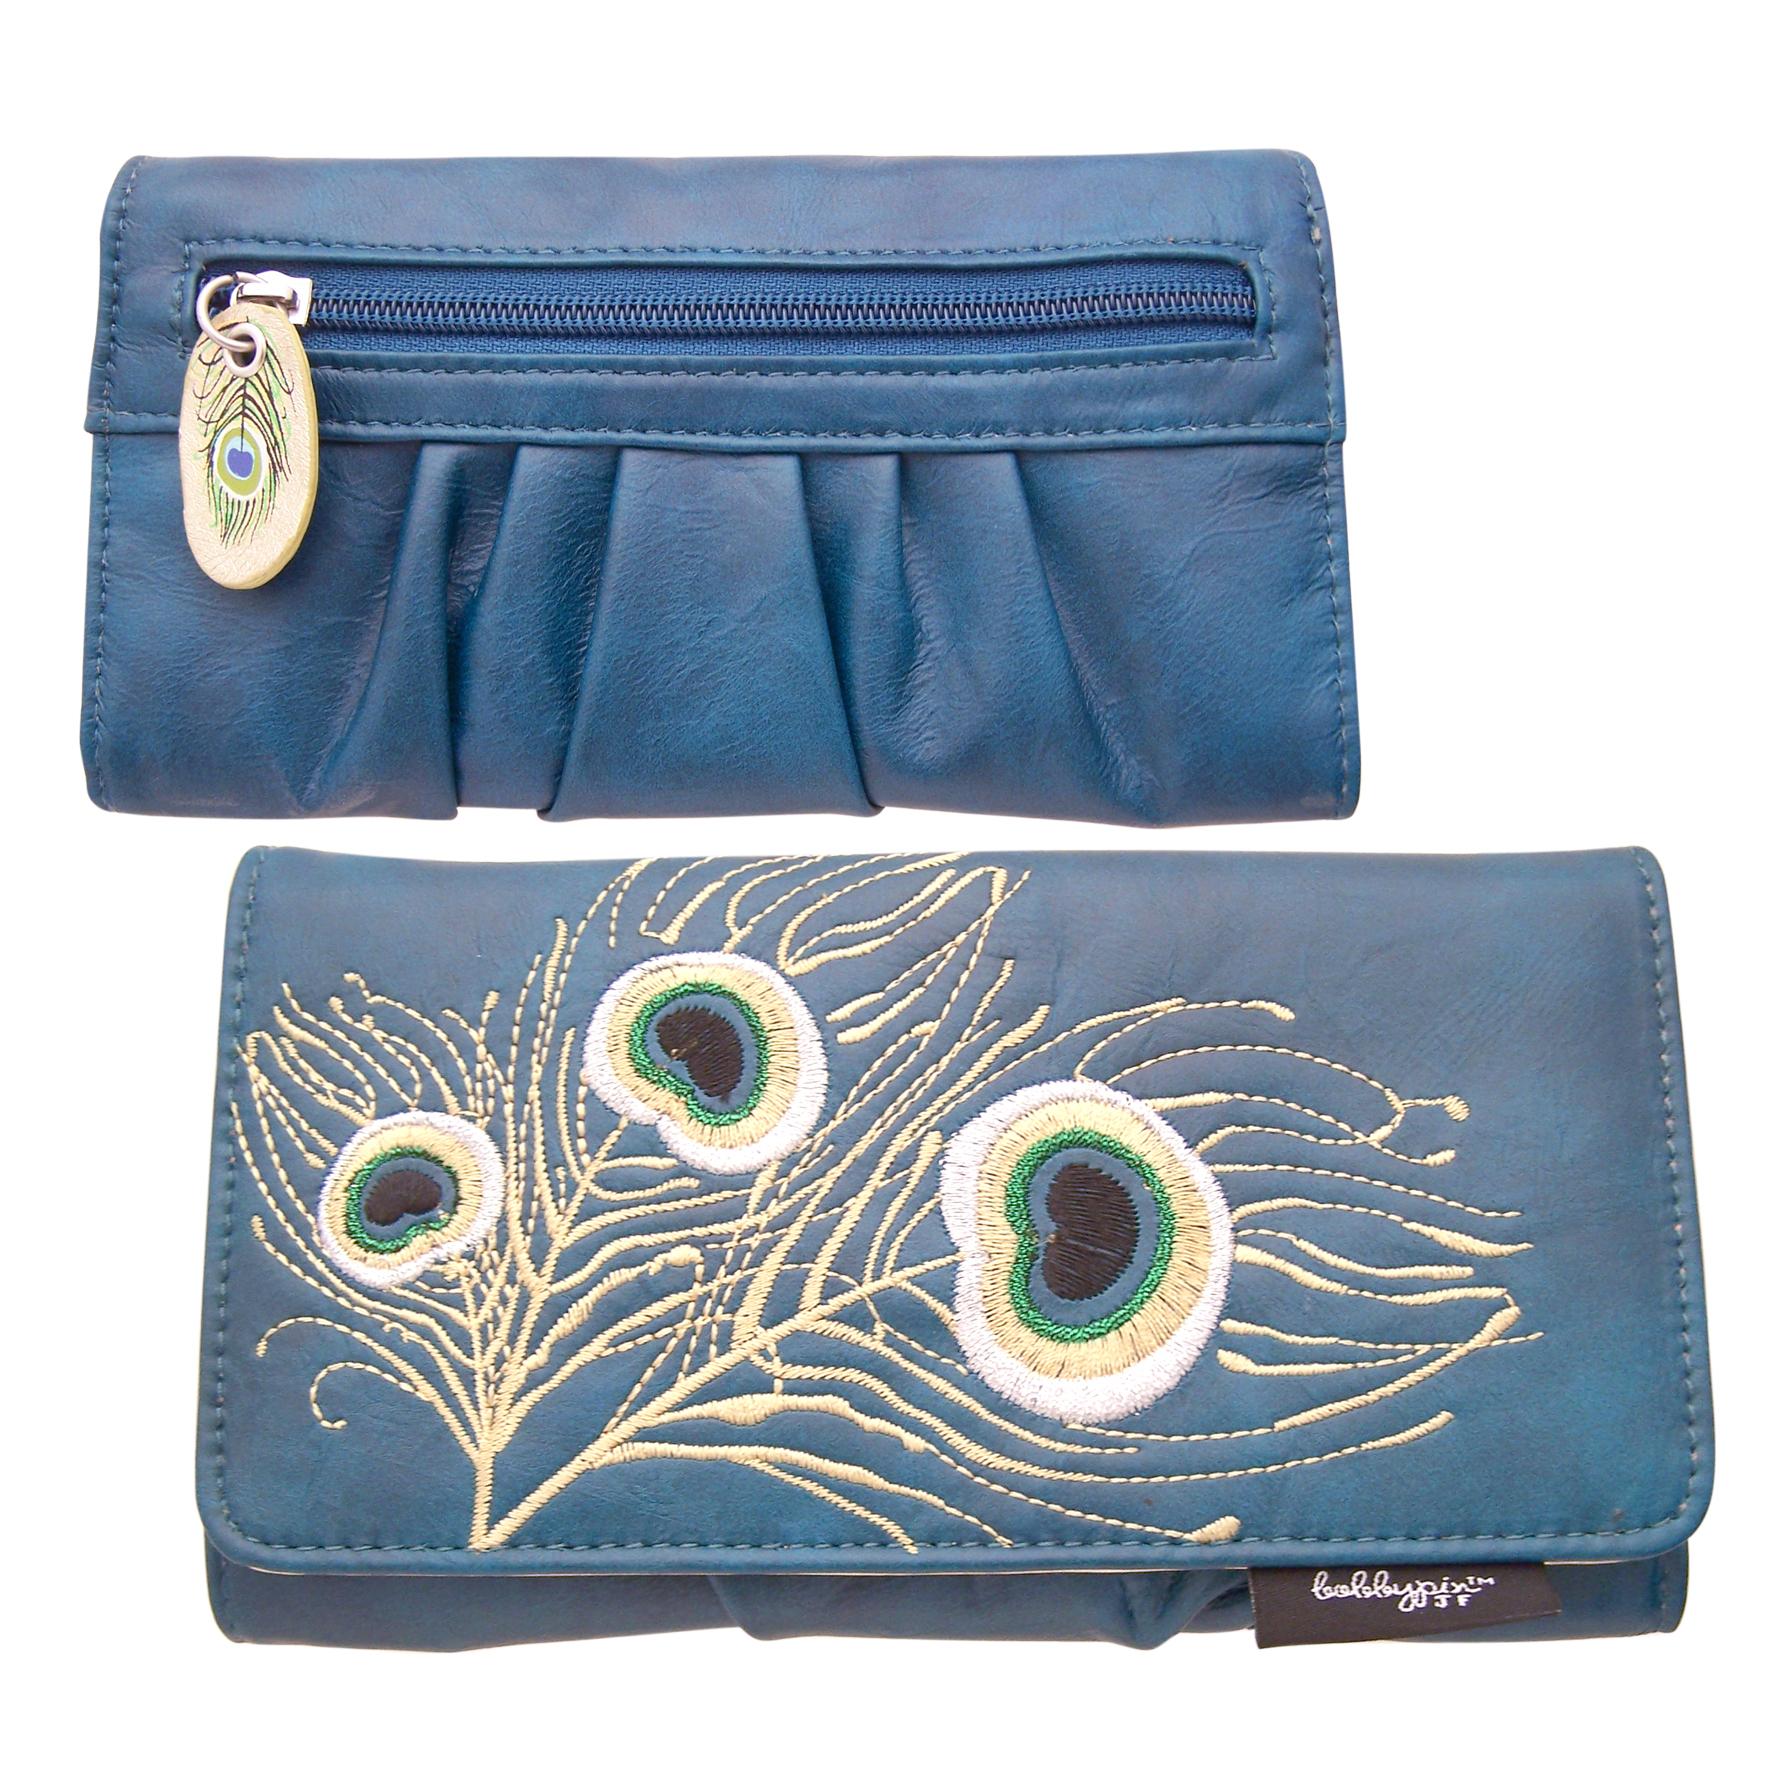 Bobbypin Peacock wallet